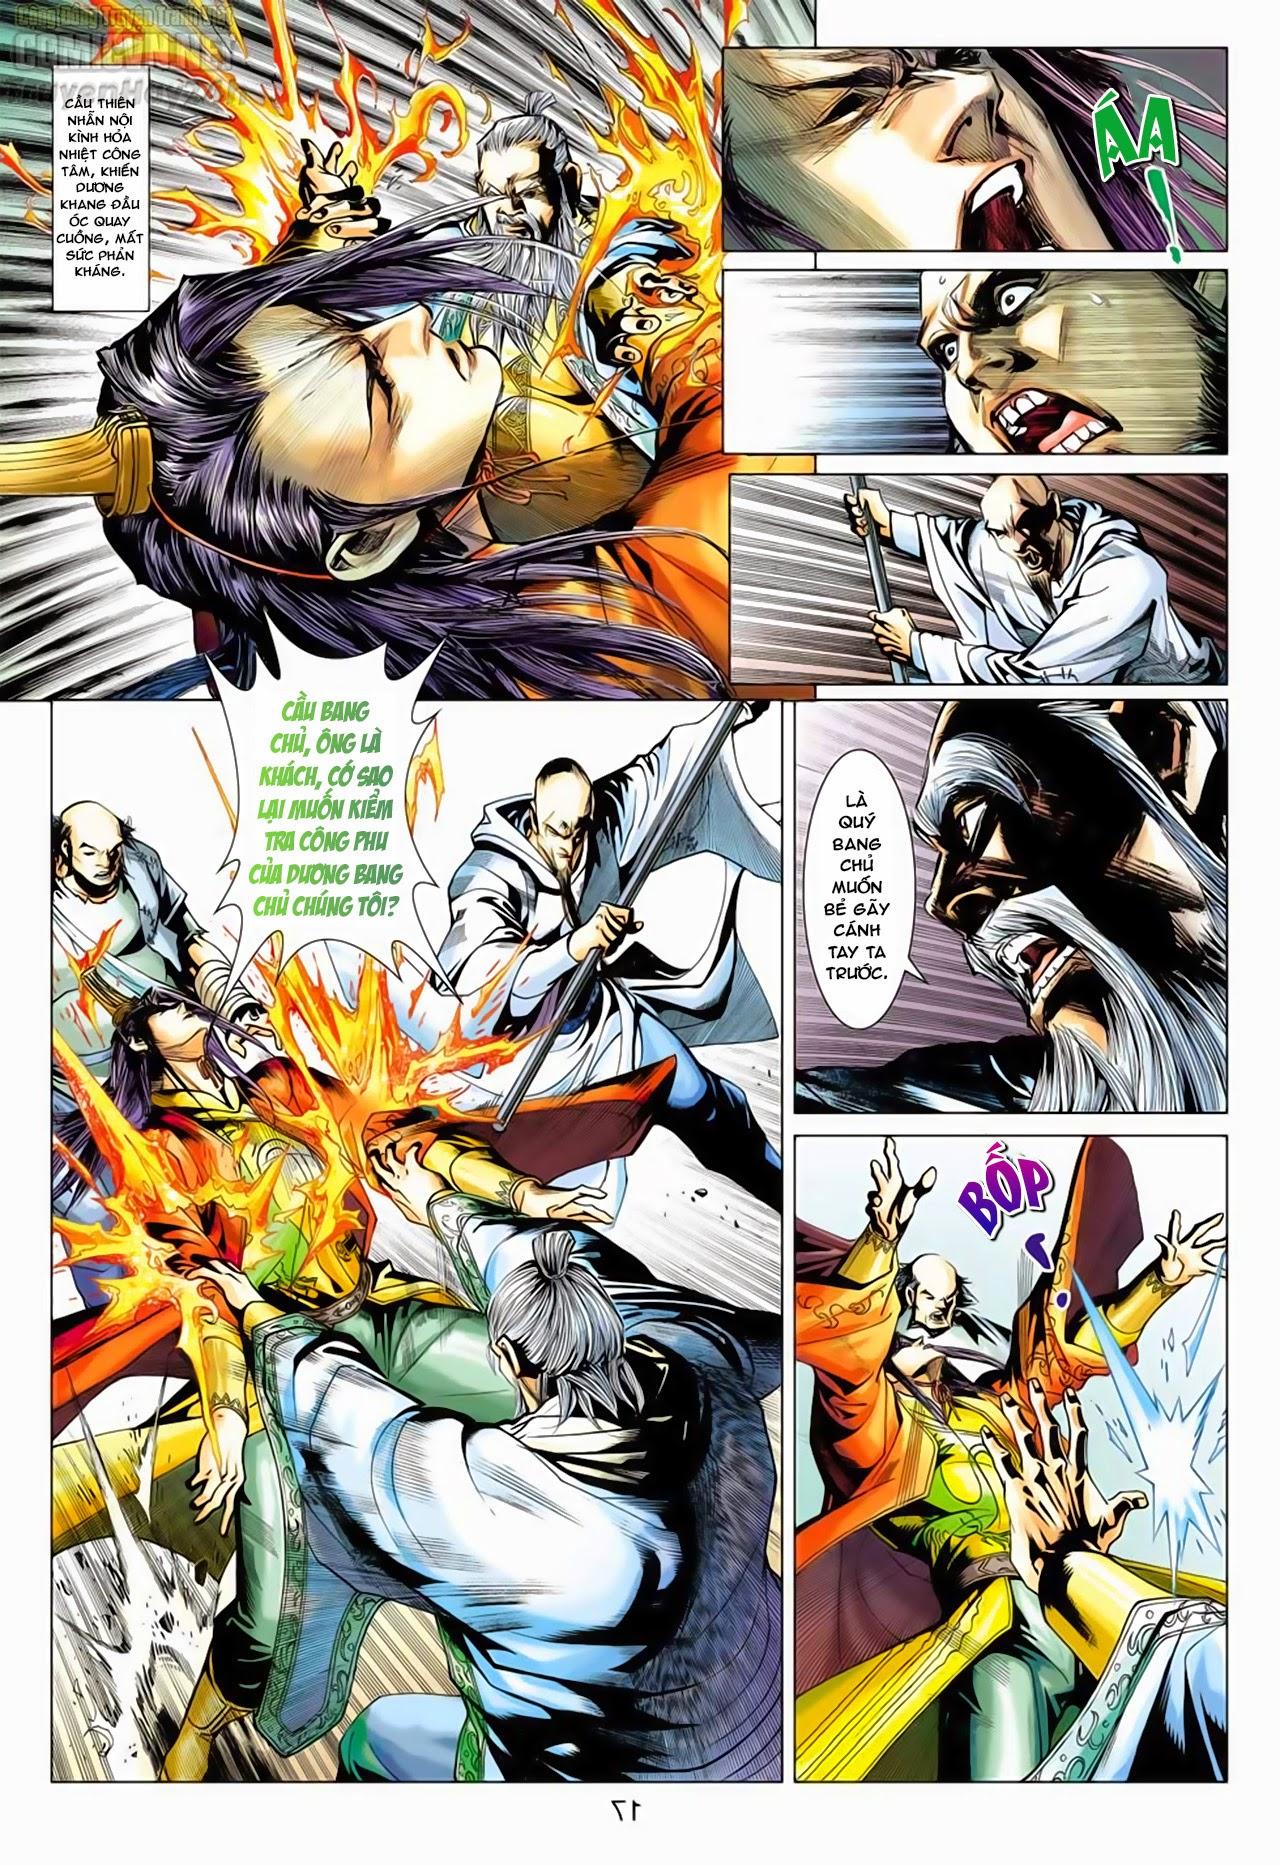 Anh Hùng Xạ Điêu anh hùng xạ đêu chap 66: nhạc châu đại hội trang 17